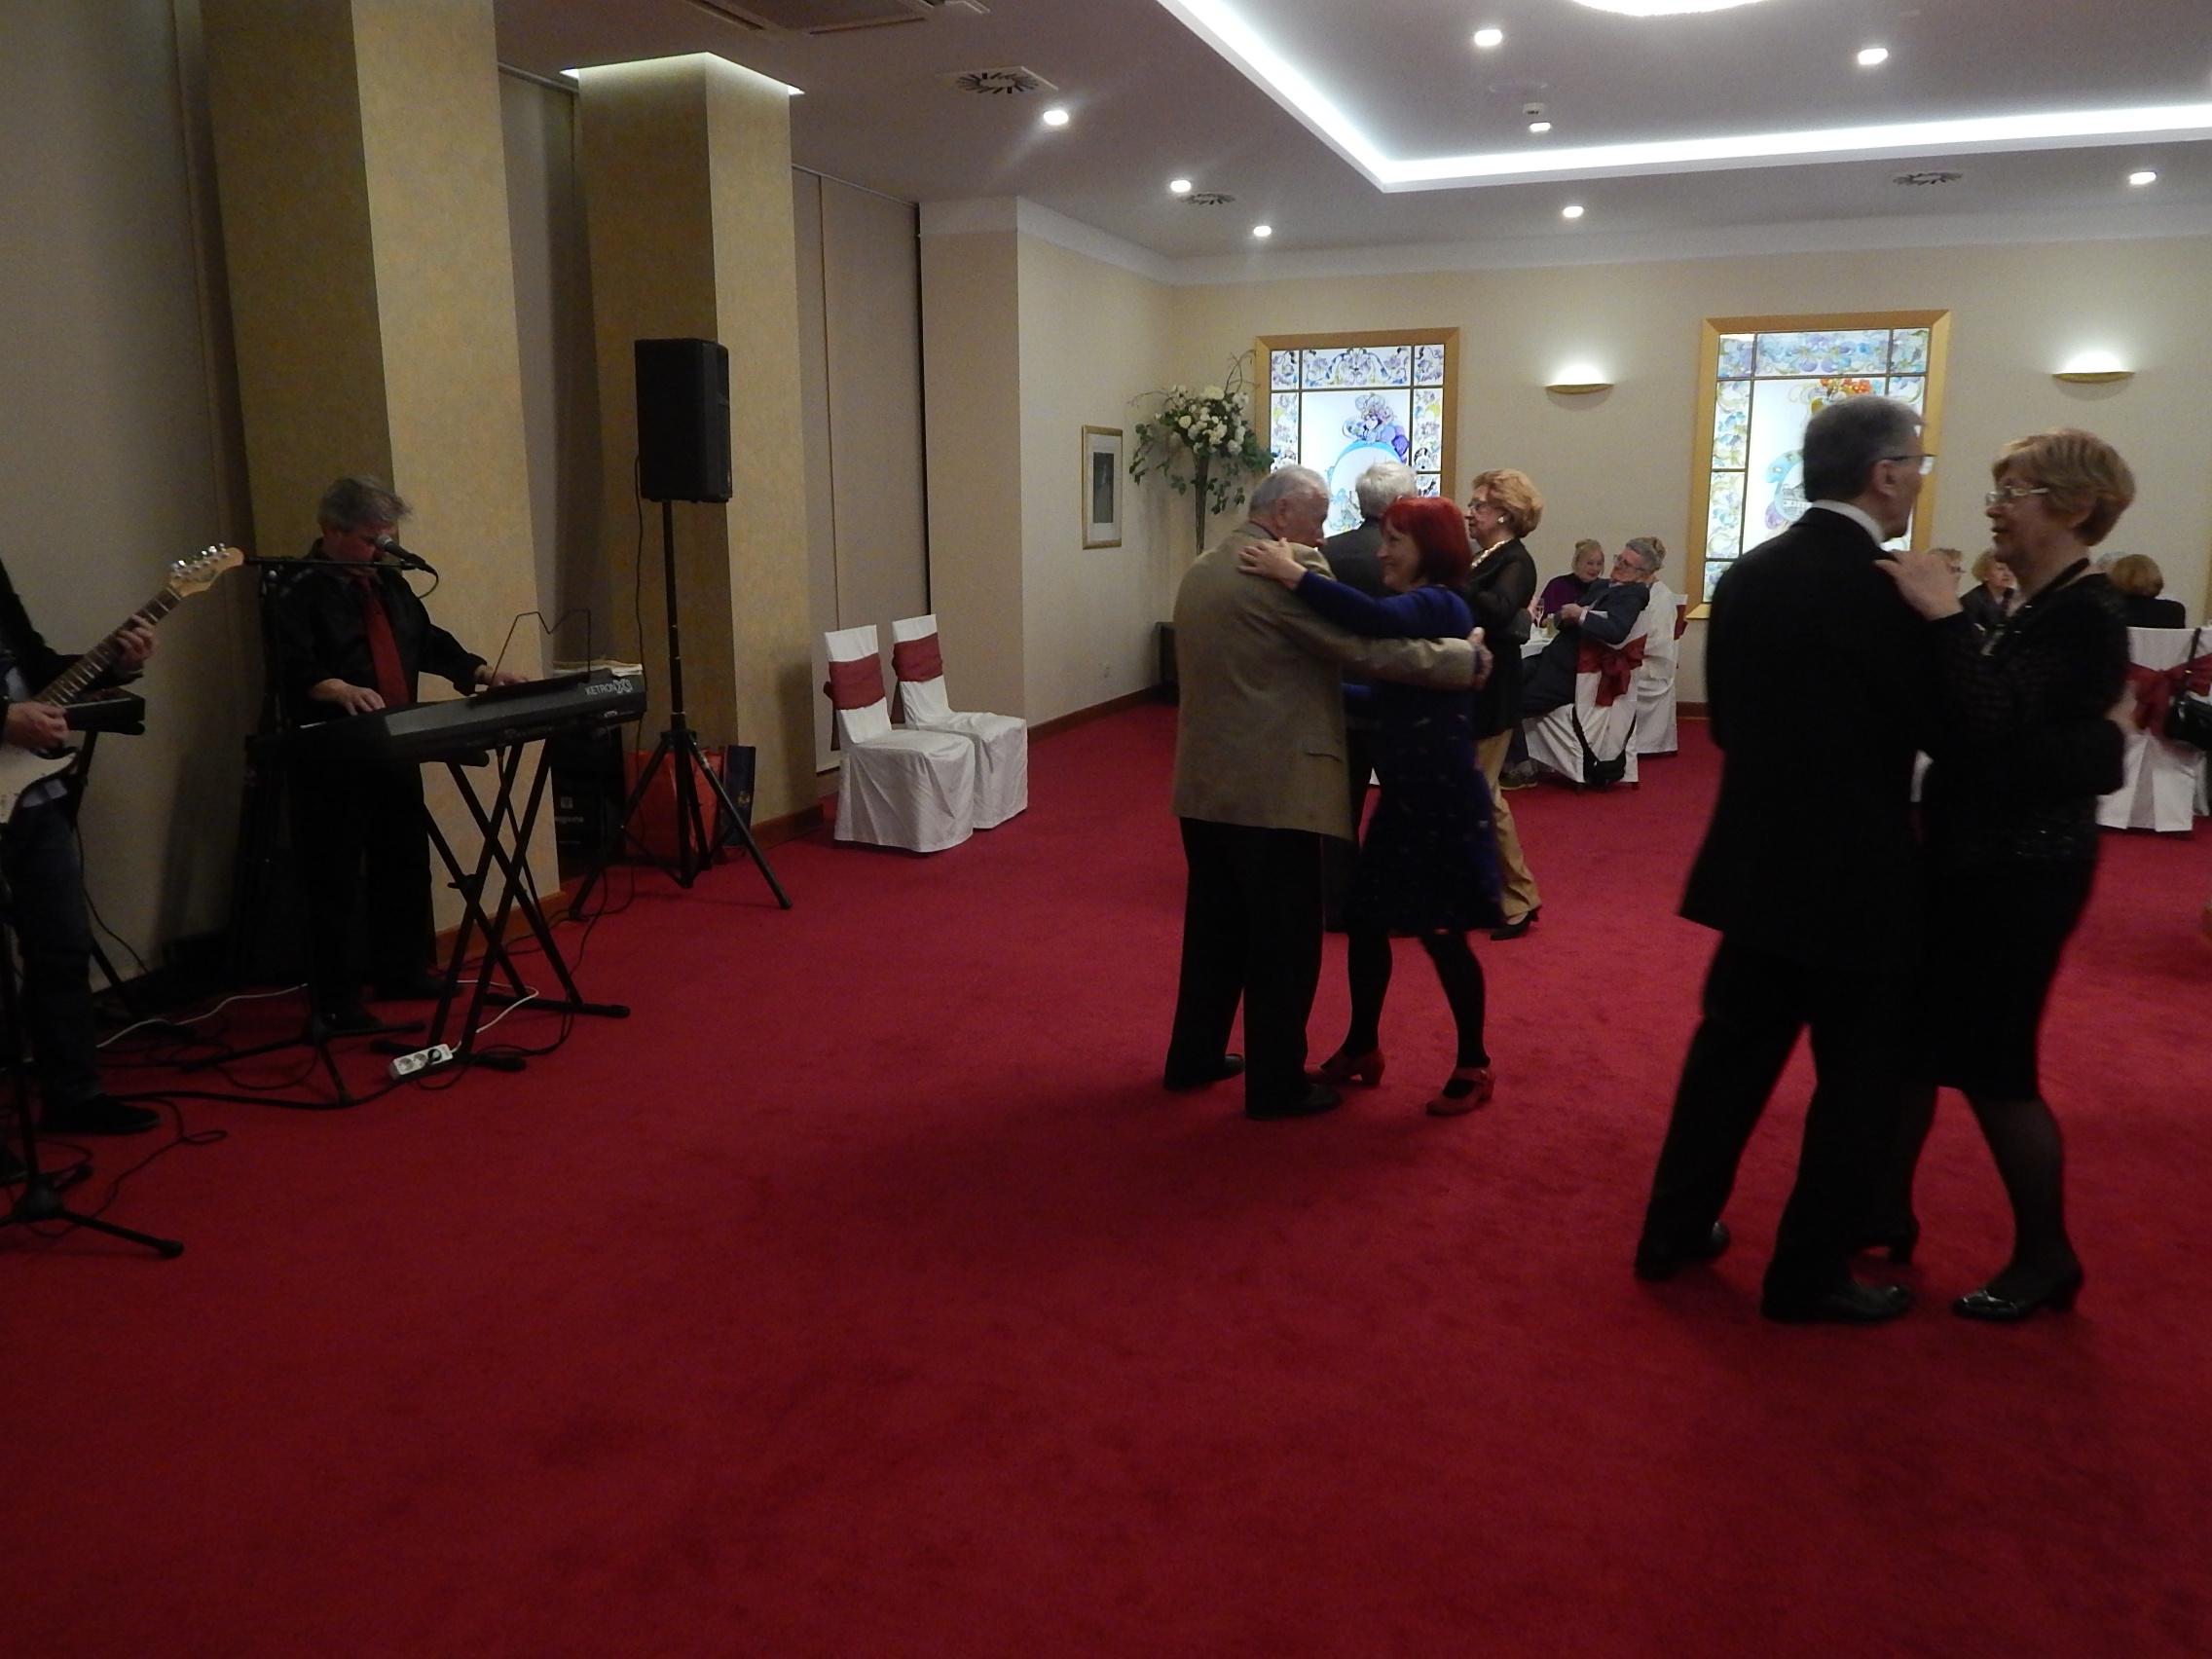 Karlovačka noć 28. ožujka 2015. godine u Hotelu Palace i u organizaciji Društva Karlovčana i prijatelja Karlovca u Zagrebu. Foto: Marin Bakić